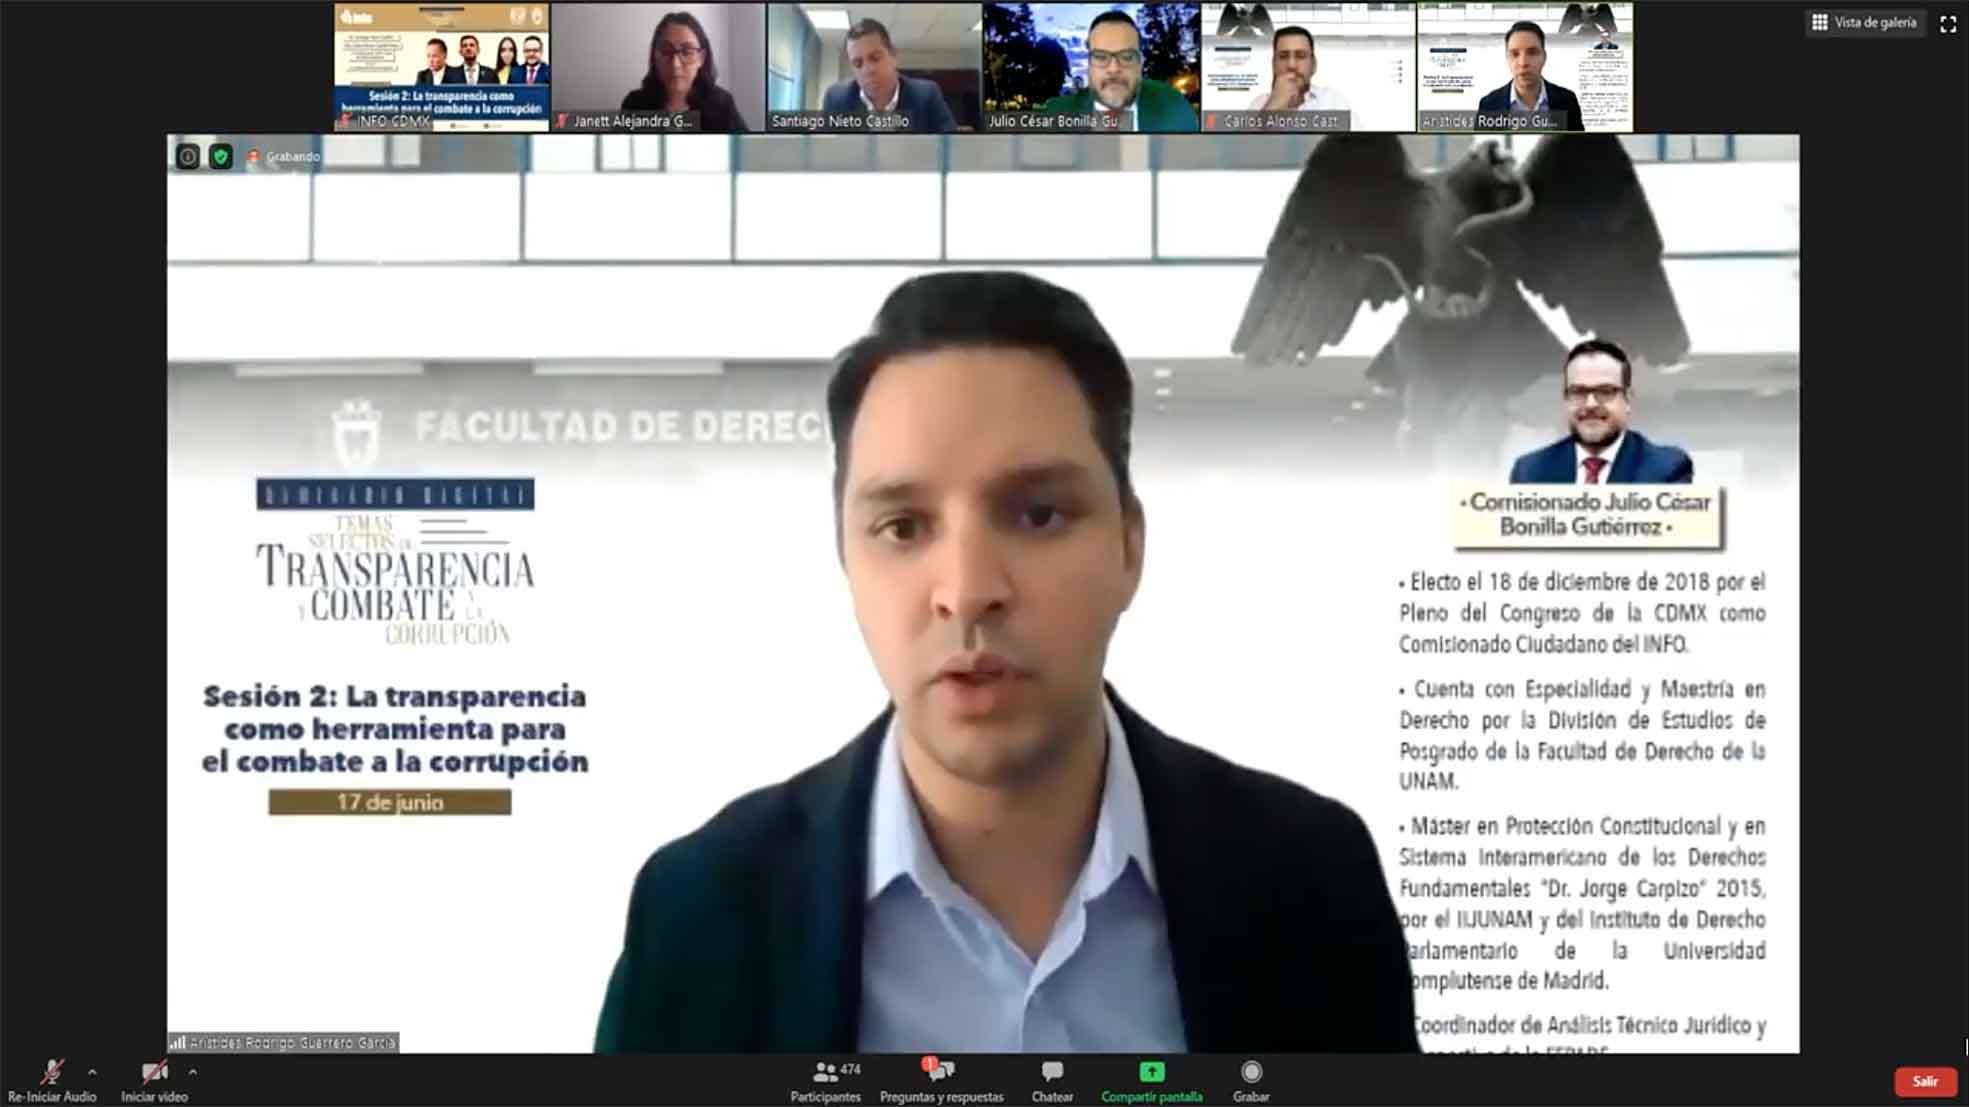 TRANSPARENCIA Y COMBATE A LA CORRUPCIÓN 170620